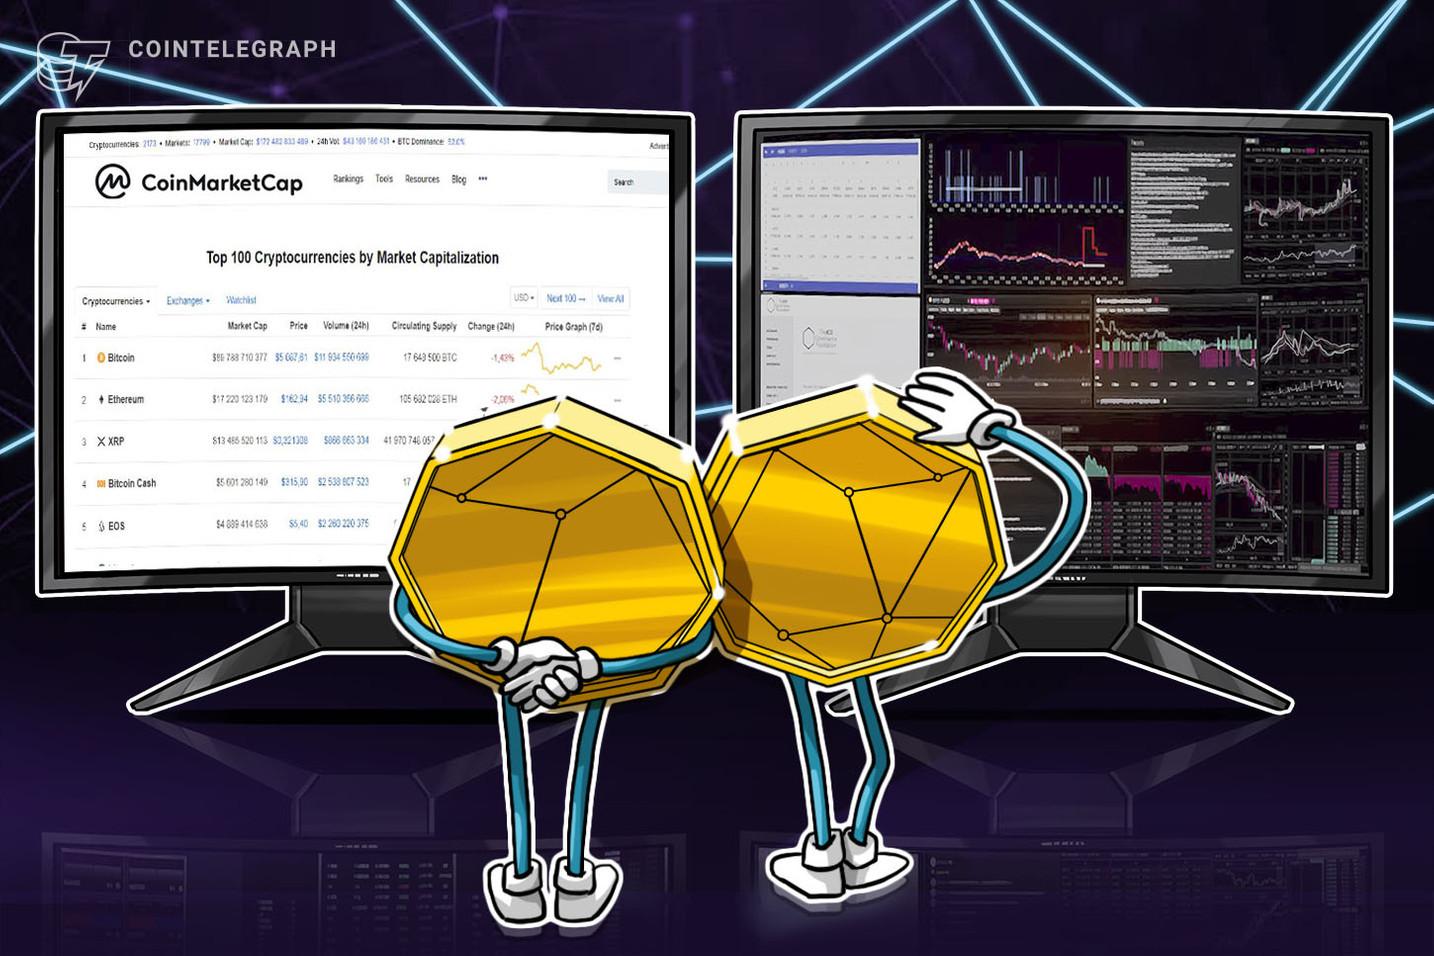 仮想通貨情報サイトのコインマーケットキャップ、価格変動時に開くチャット機能を追加